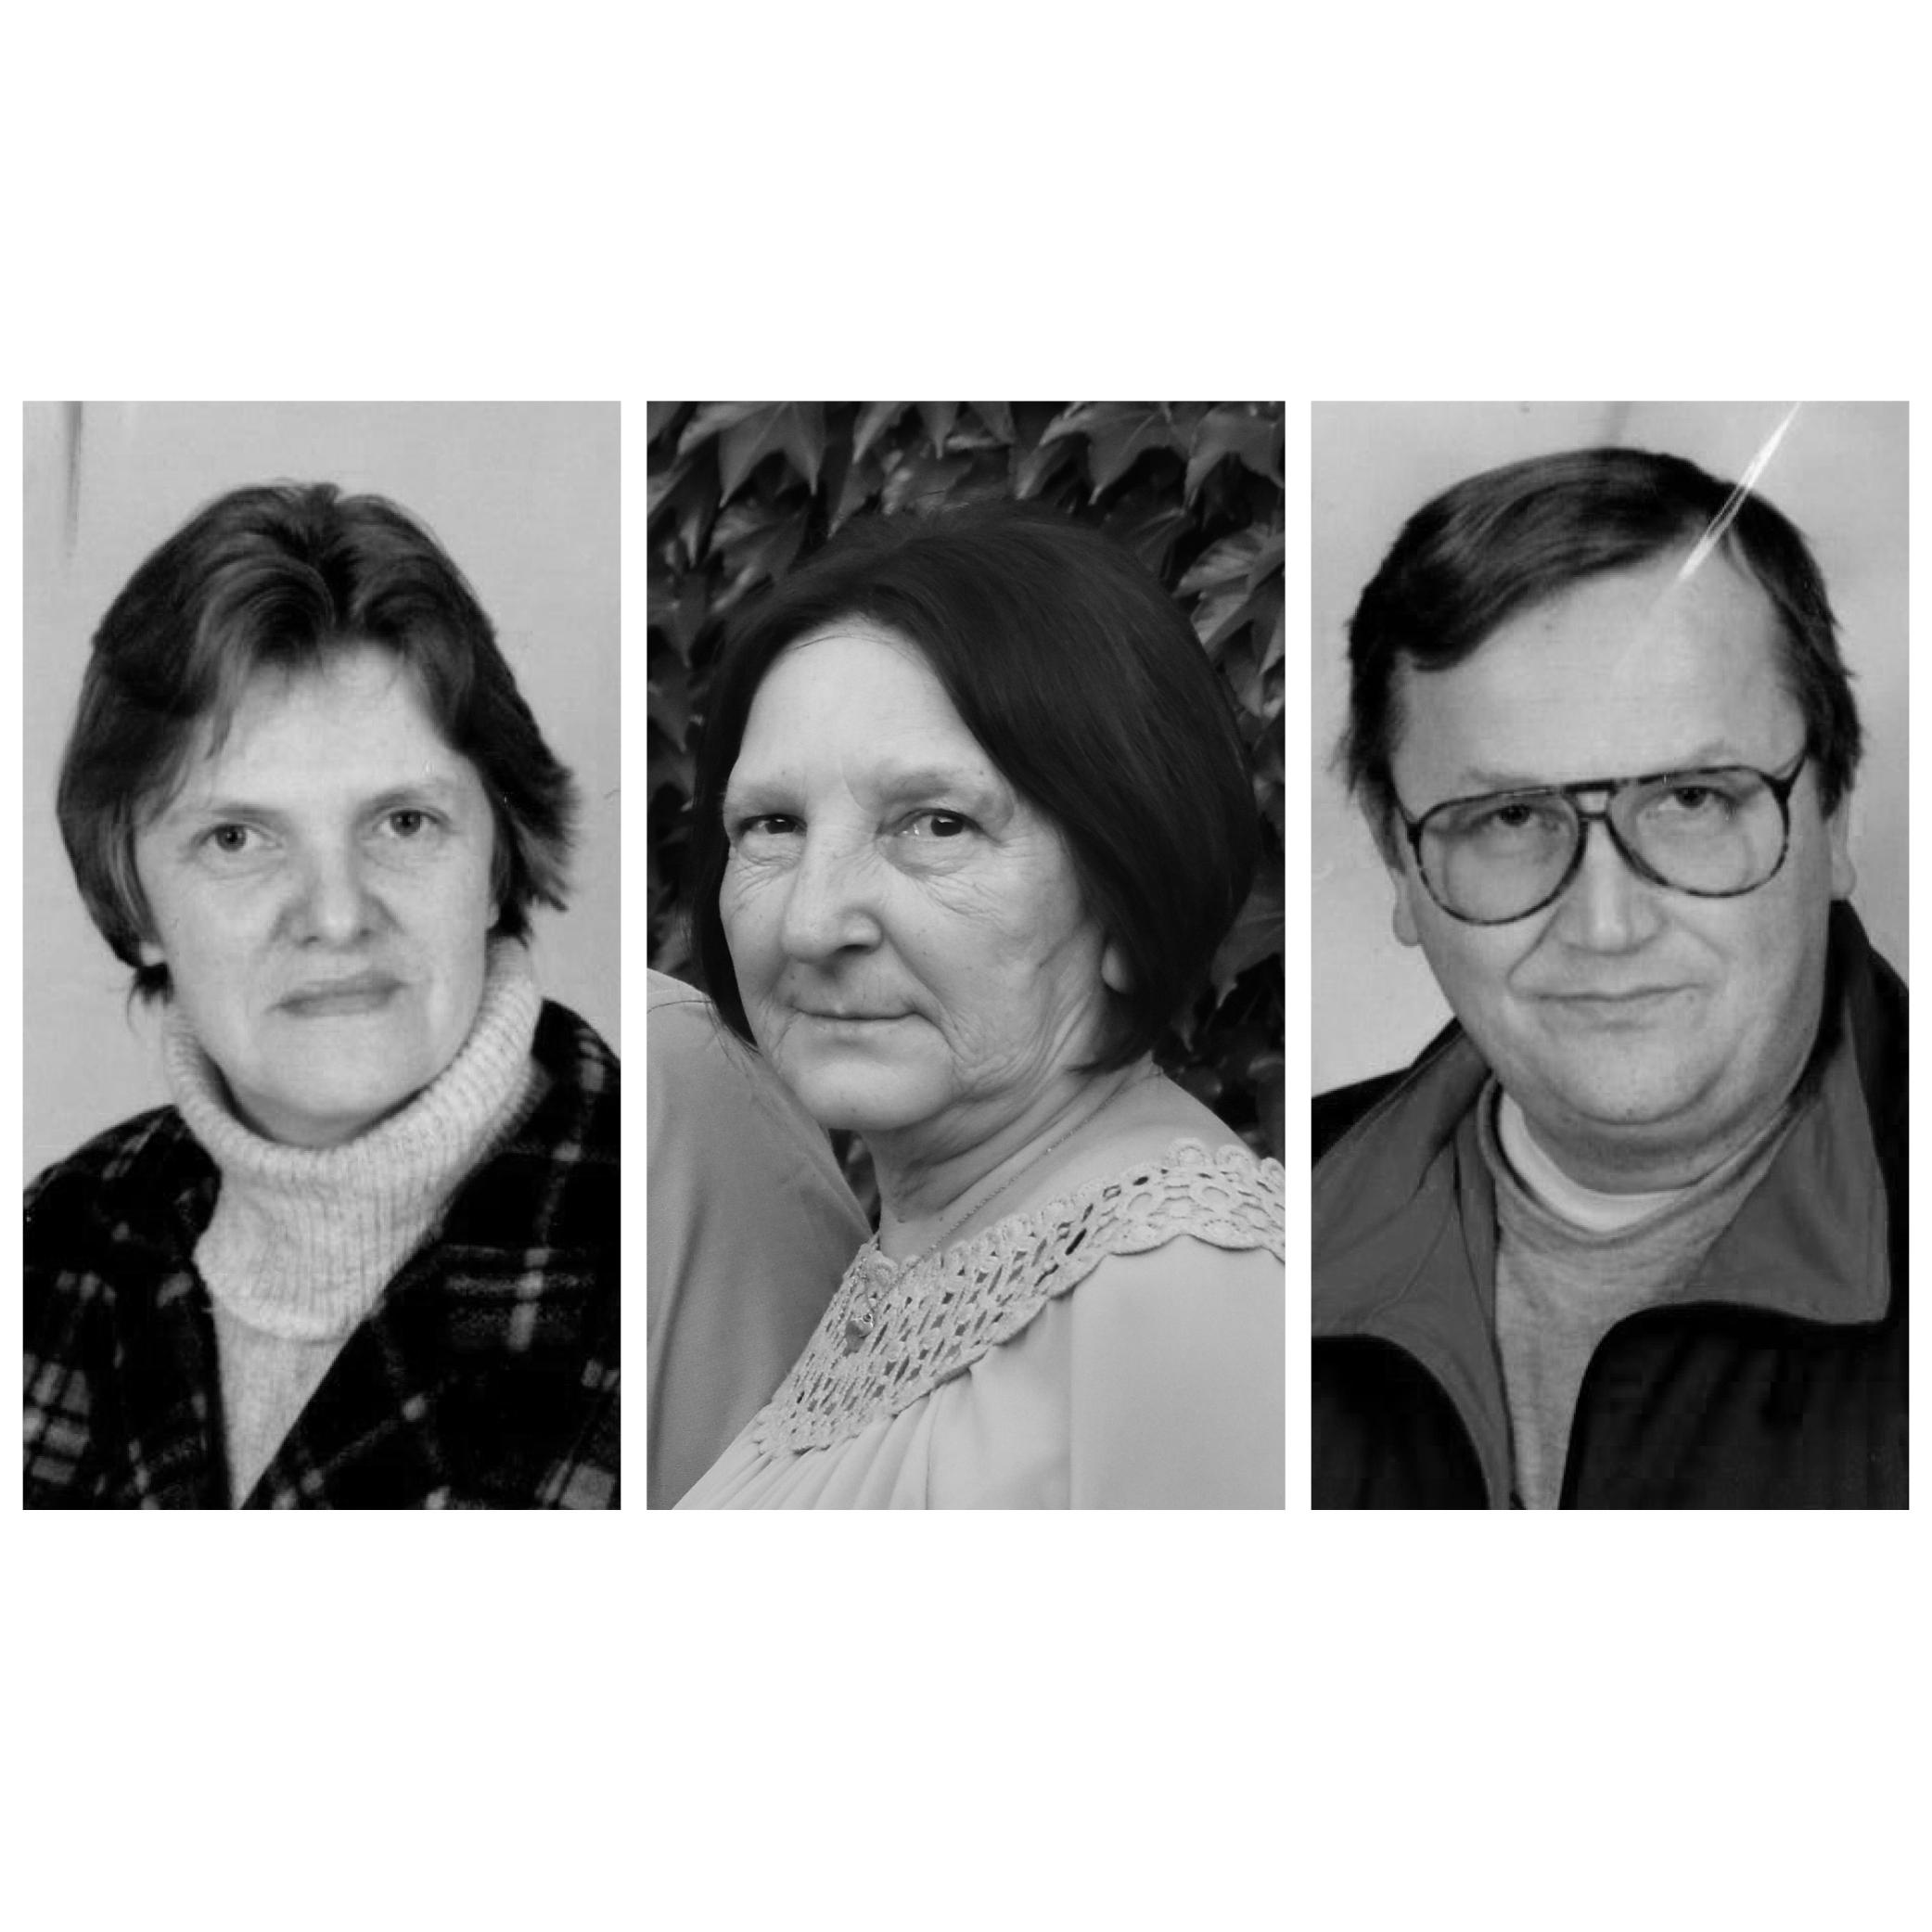 Pożegnano znanych pedagogów: przedszkolankę, nauczycielkę i trenera - Zdjęcie główne